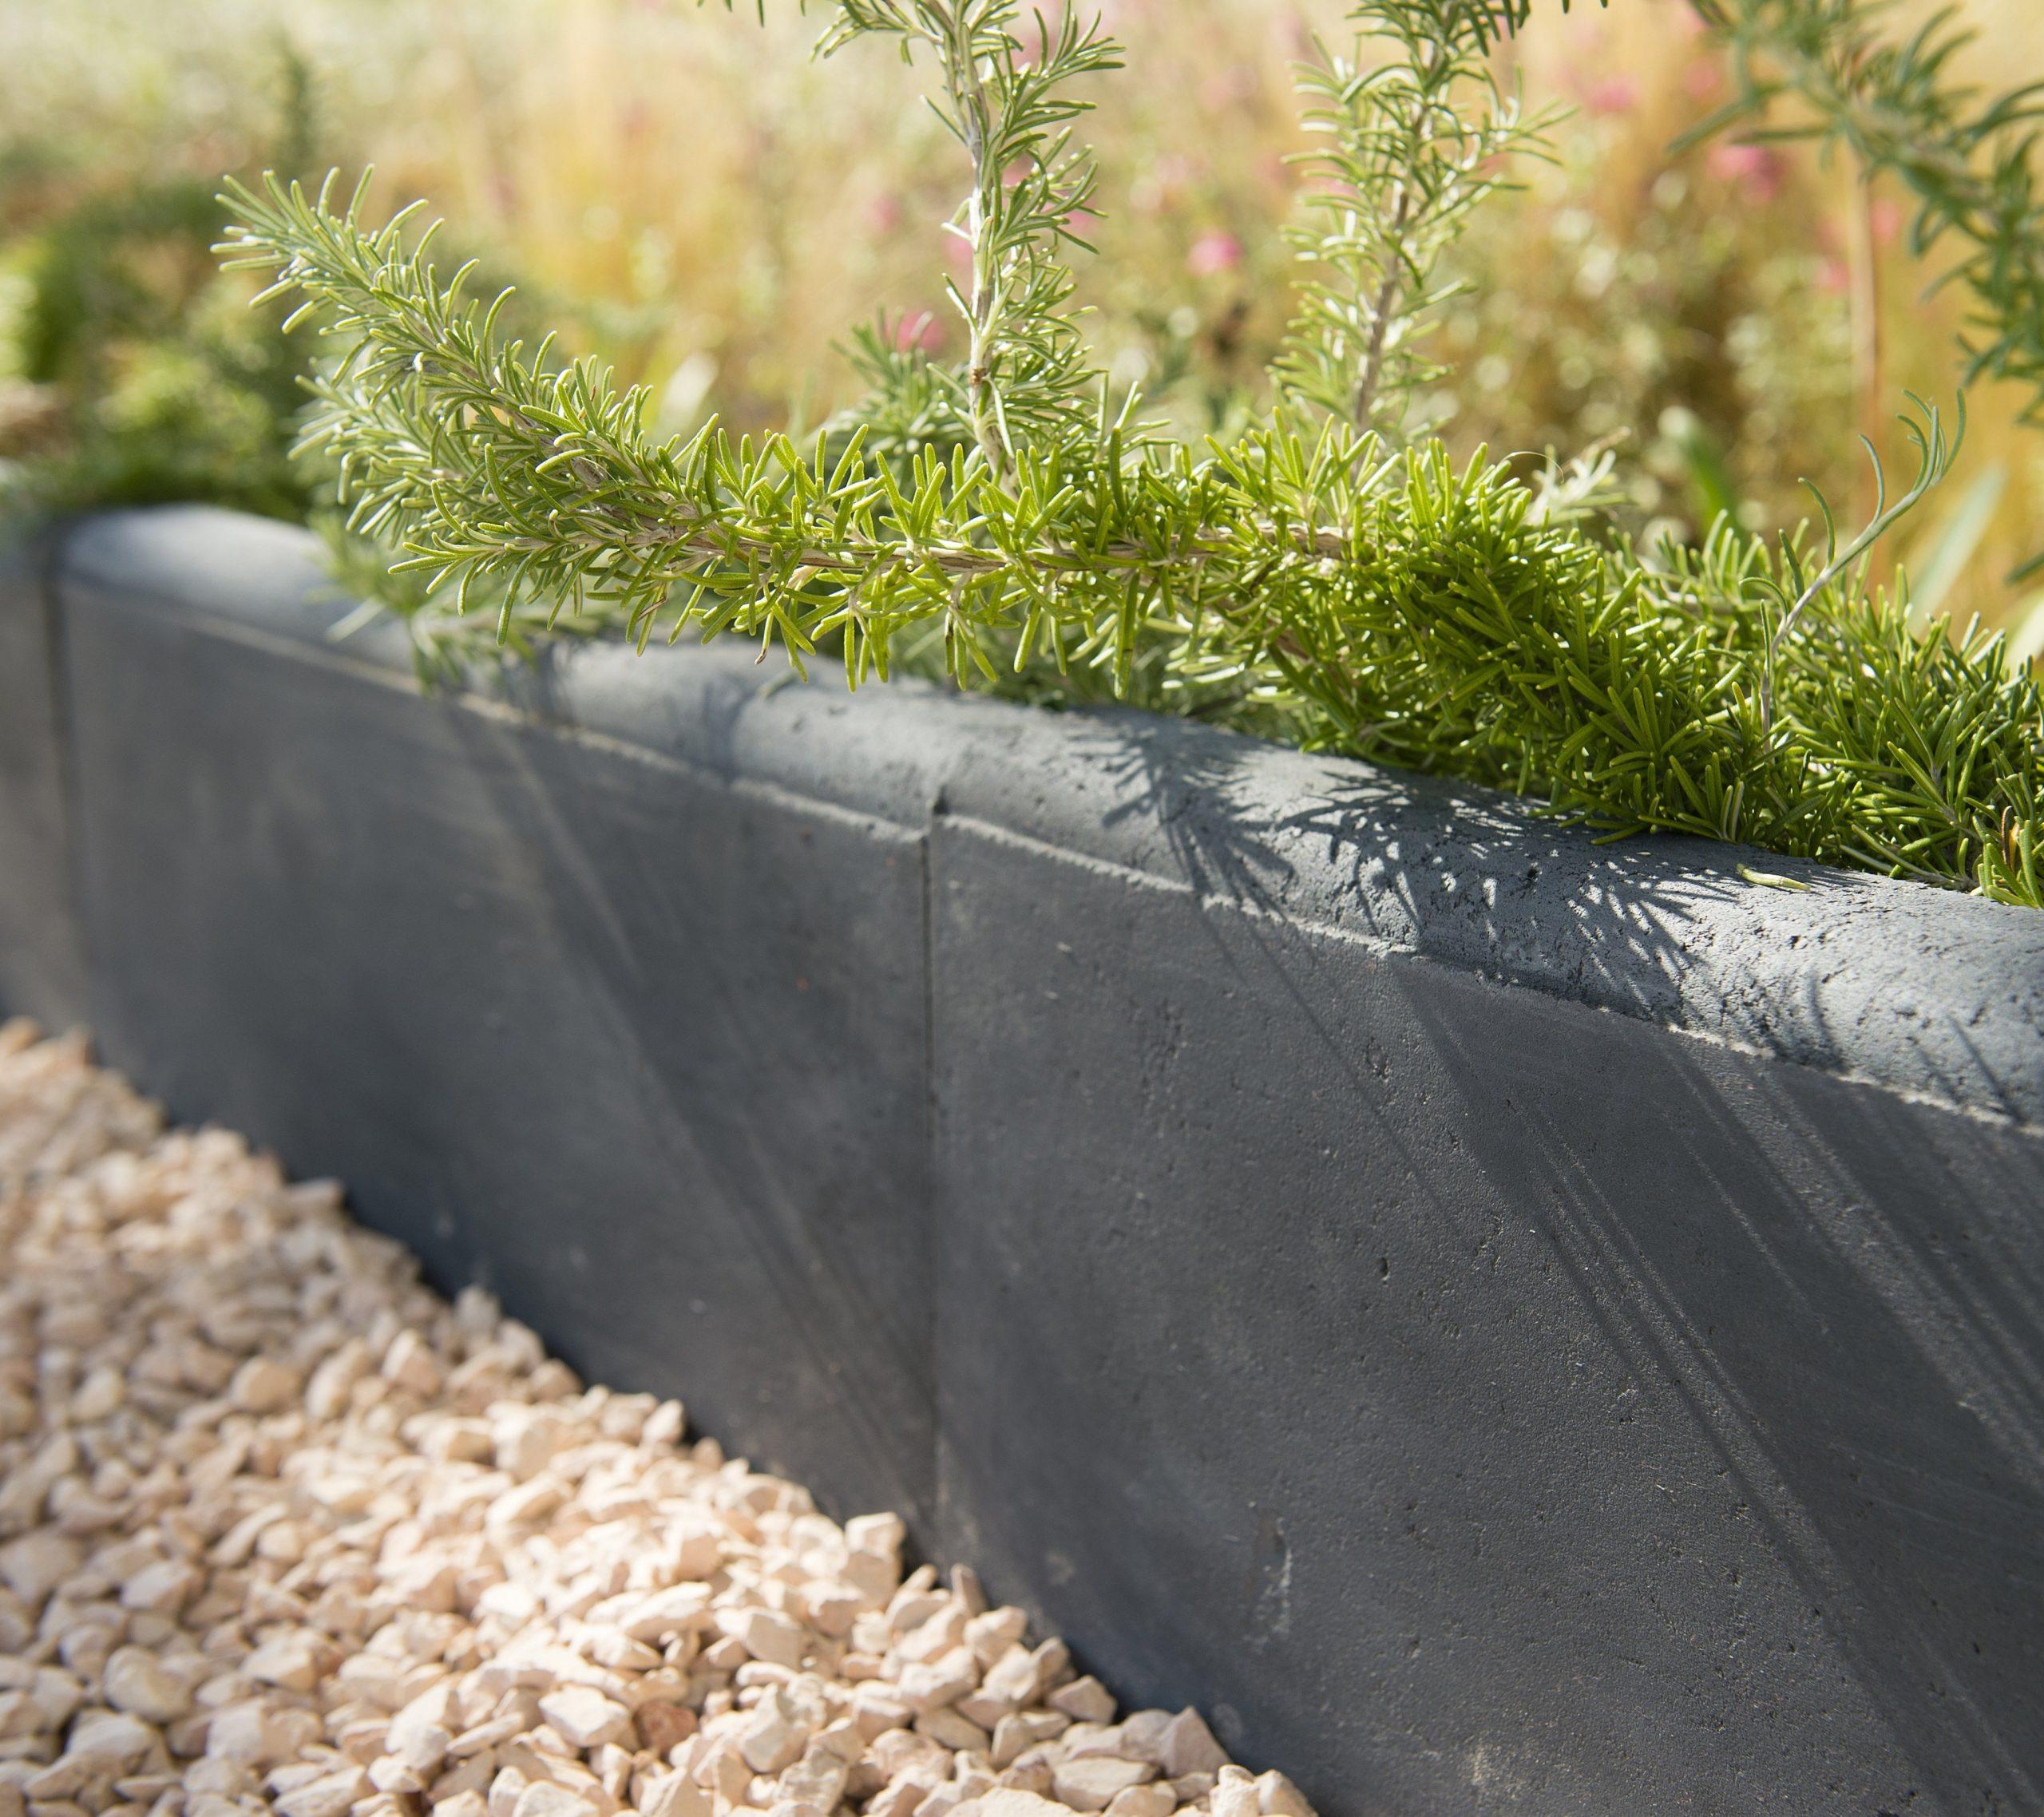 Bordure Droite Hauteur 16 Cm Béton Gris Ardoise, H.16 X L.50 Cm avec Bordure De Jardin Gris Anthracite